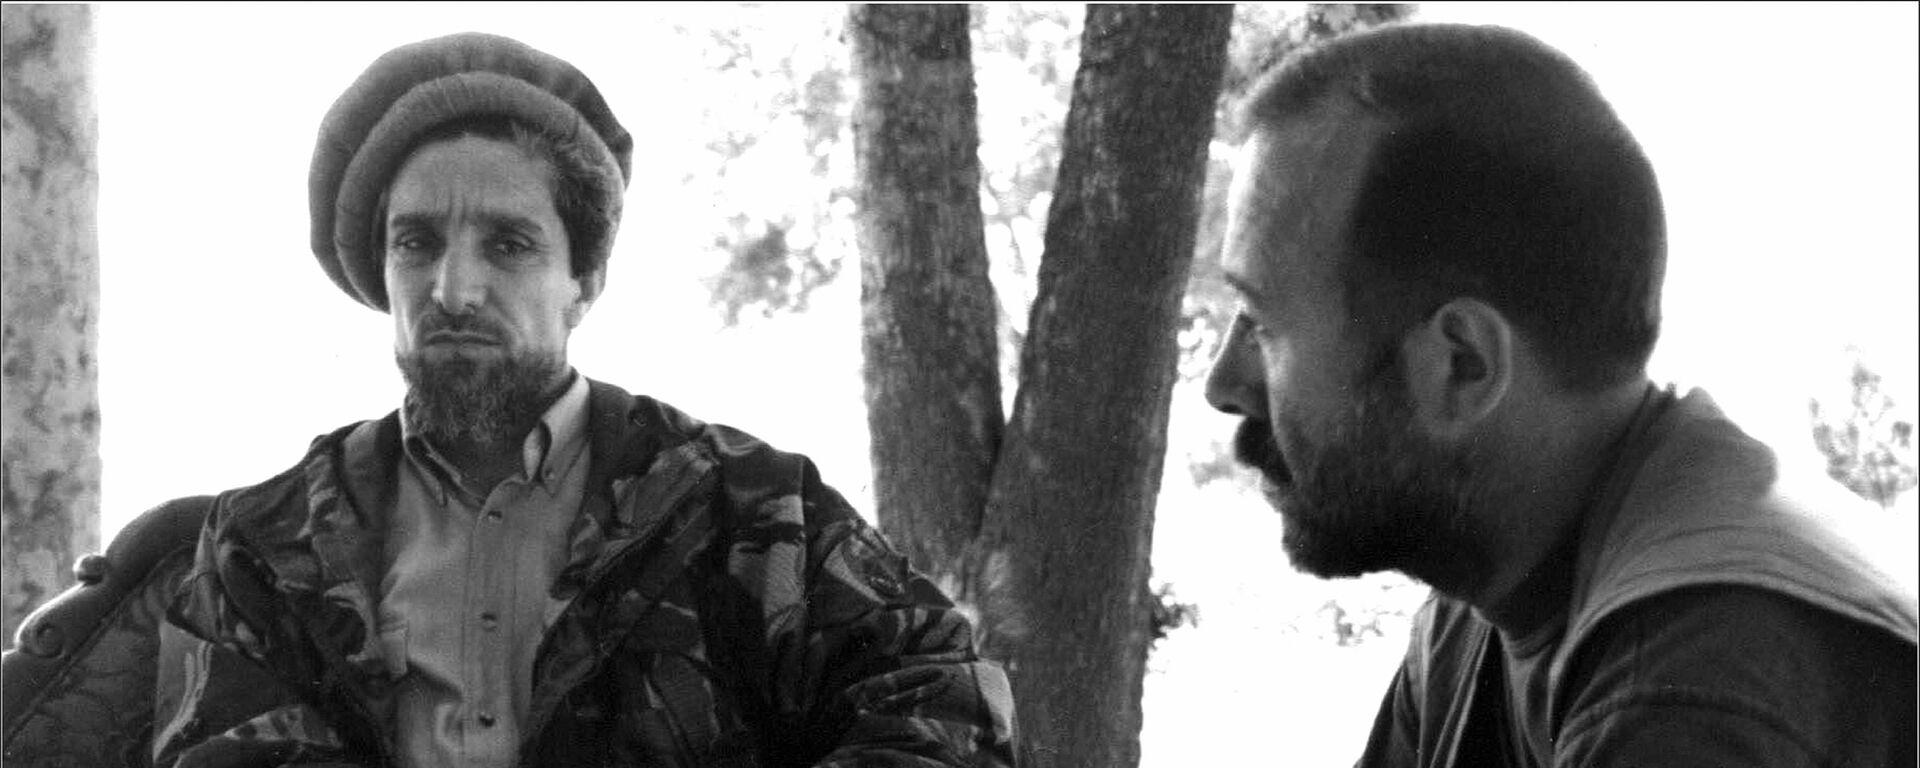 Обсуждение хода работы группы 6+2 с Ахмад Шахом Масудом. Северная провинция Тахар, июнь 1998 года - Sputnik Таджикистан, 1920, 10.09.2019